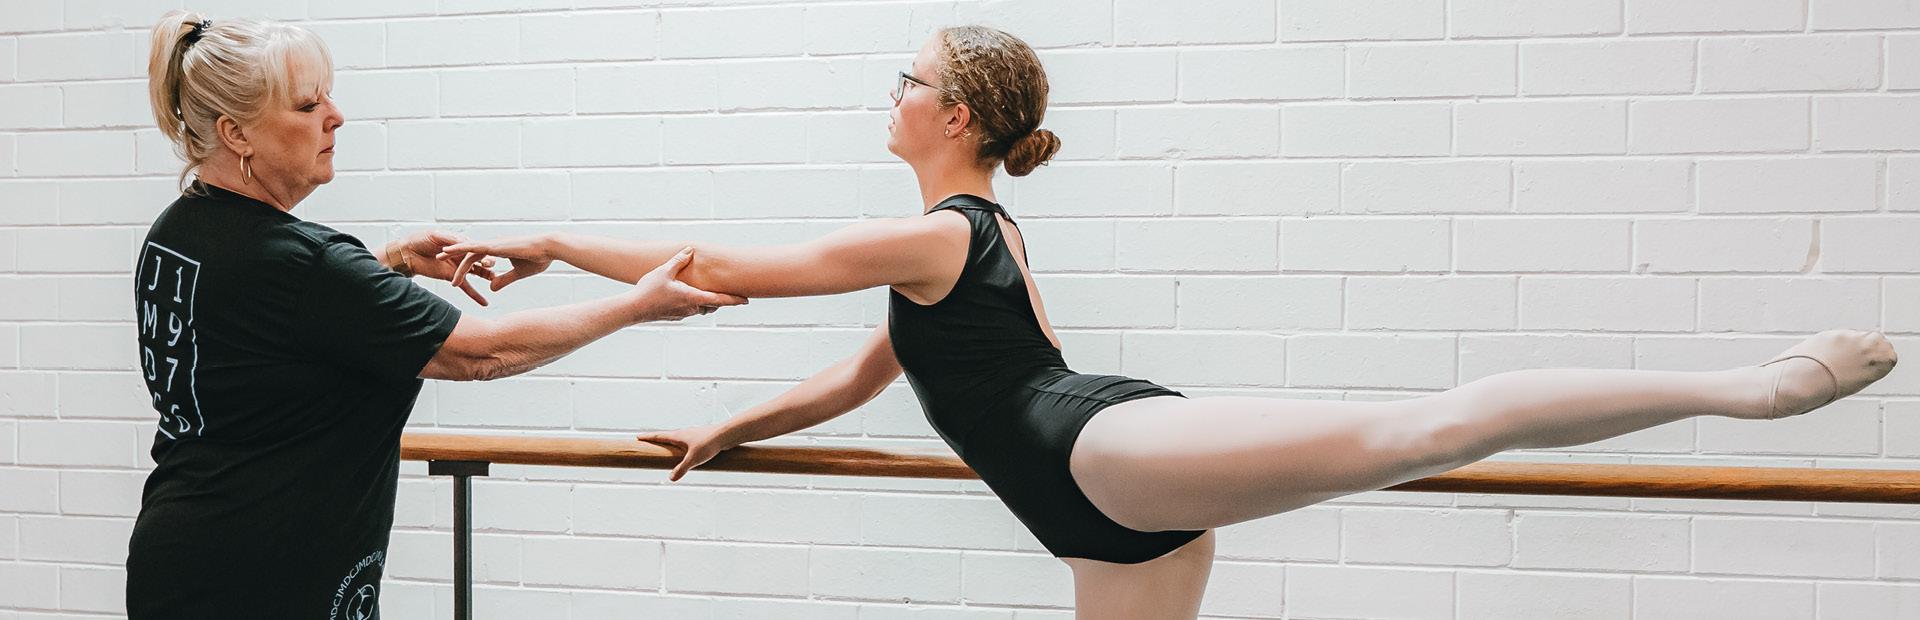 Internal Classical Ballet